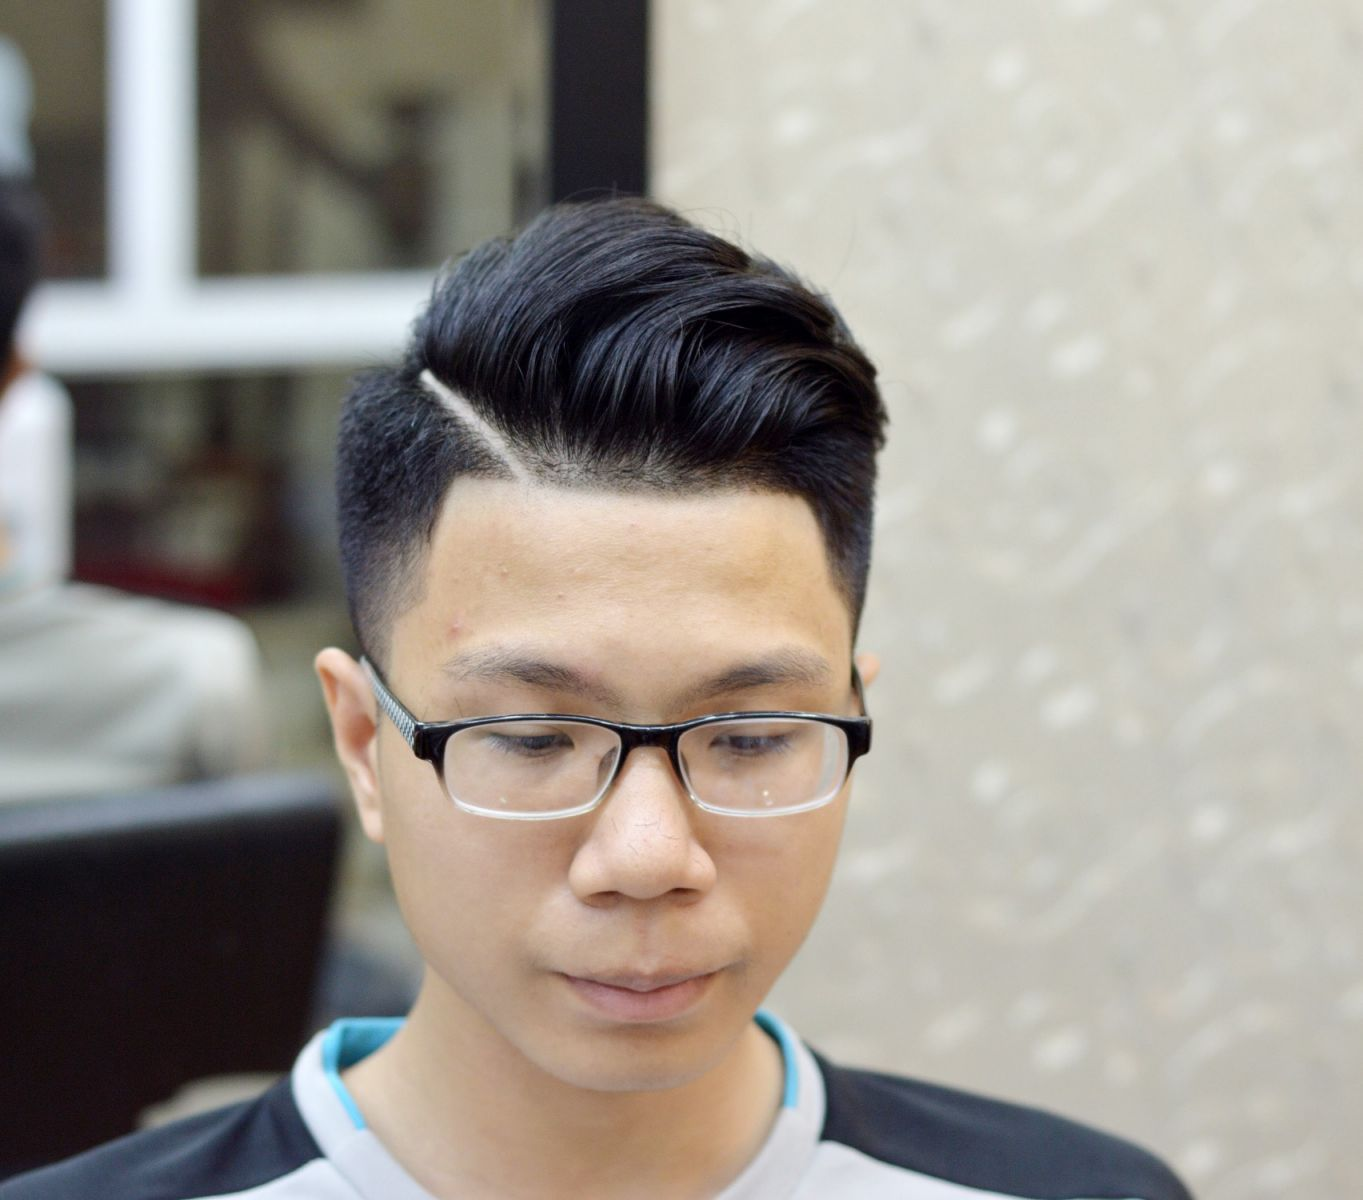 Kiểu tóc nam cho mặt tròn